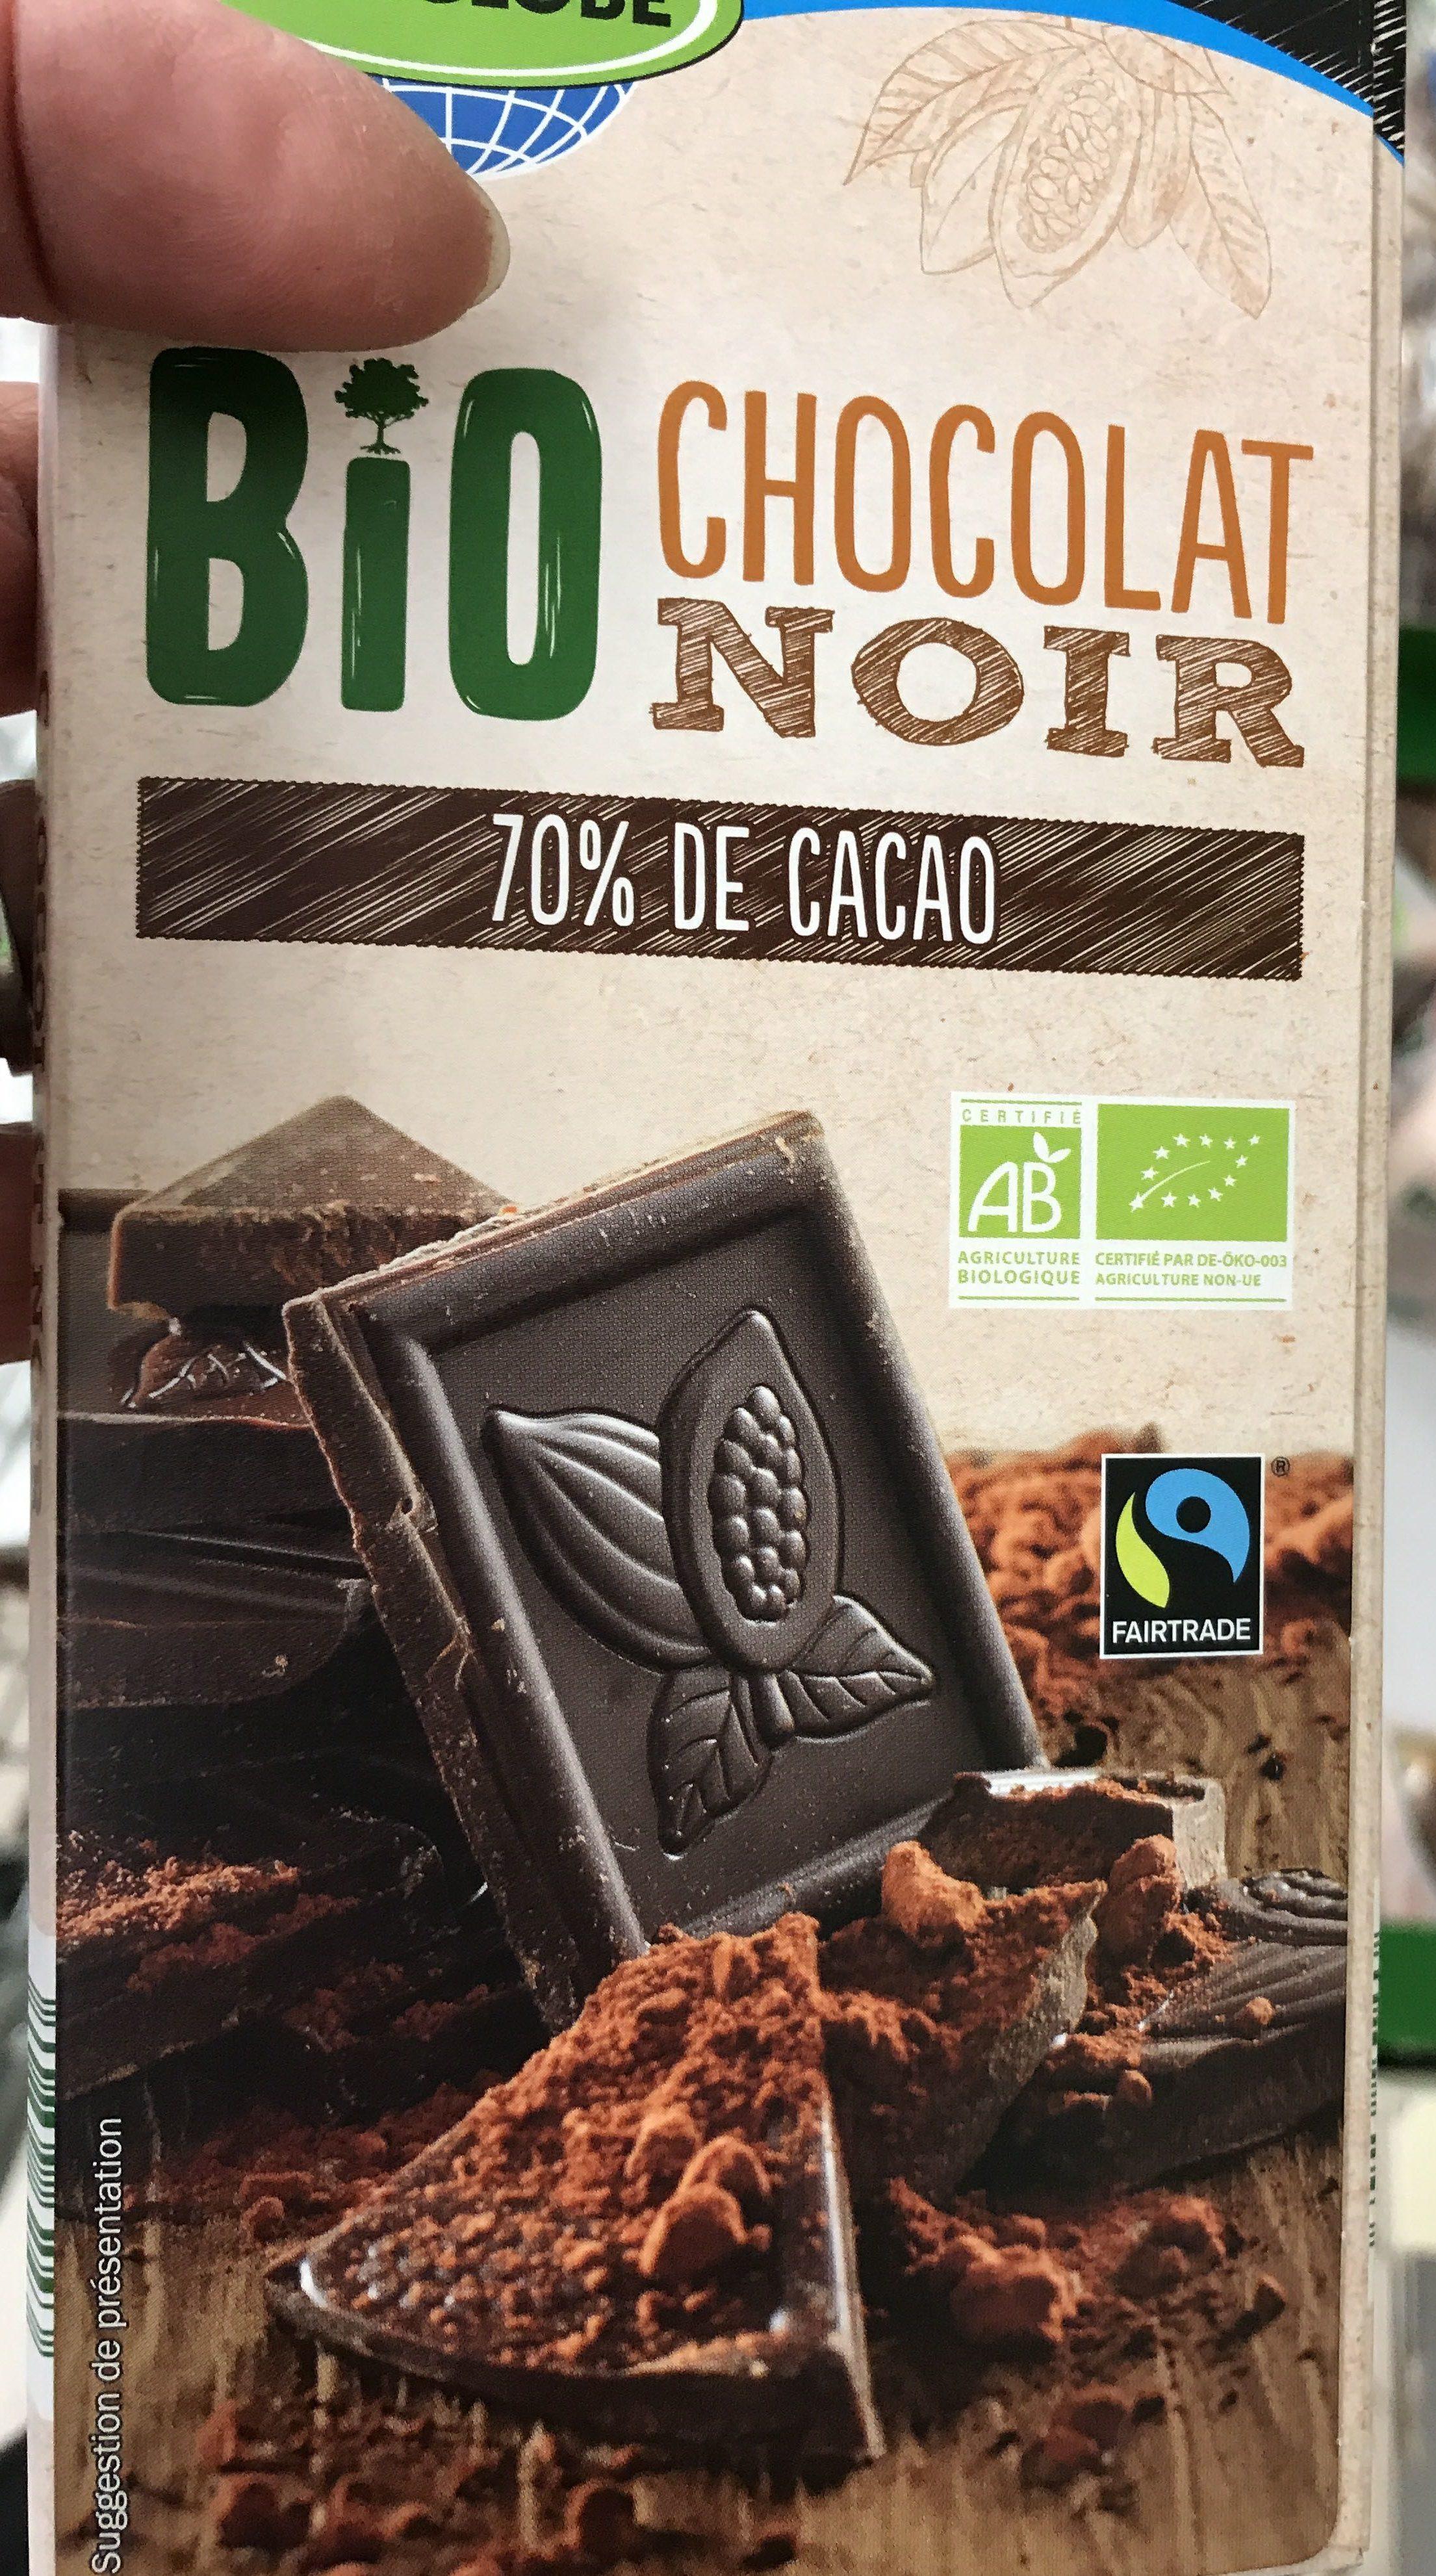 Schokolade - Bitterschokolade 70% - Produit - fr